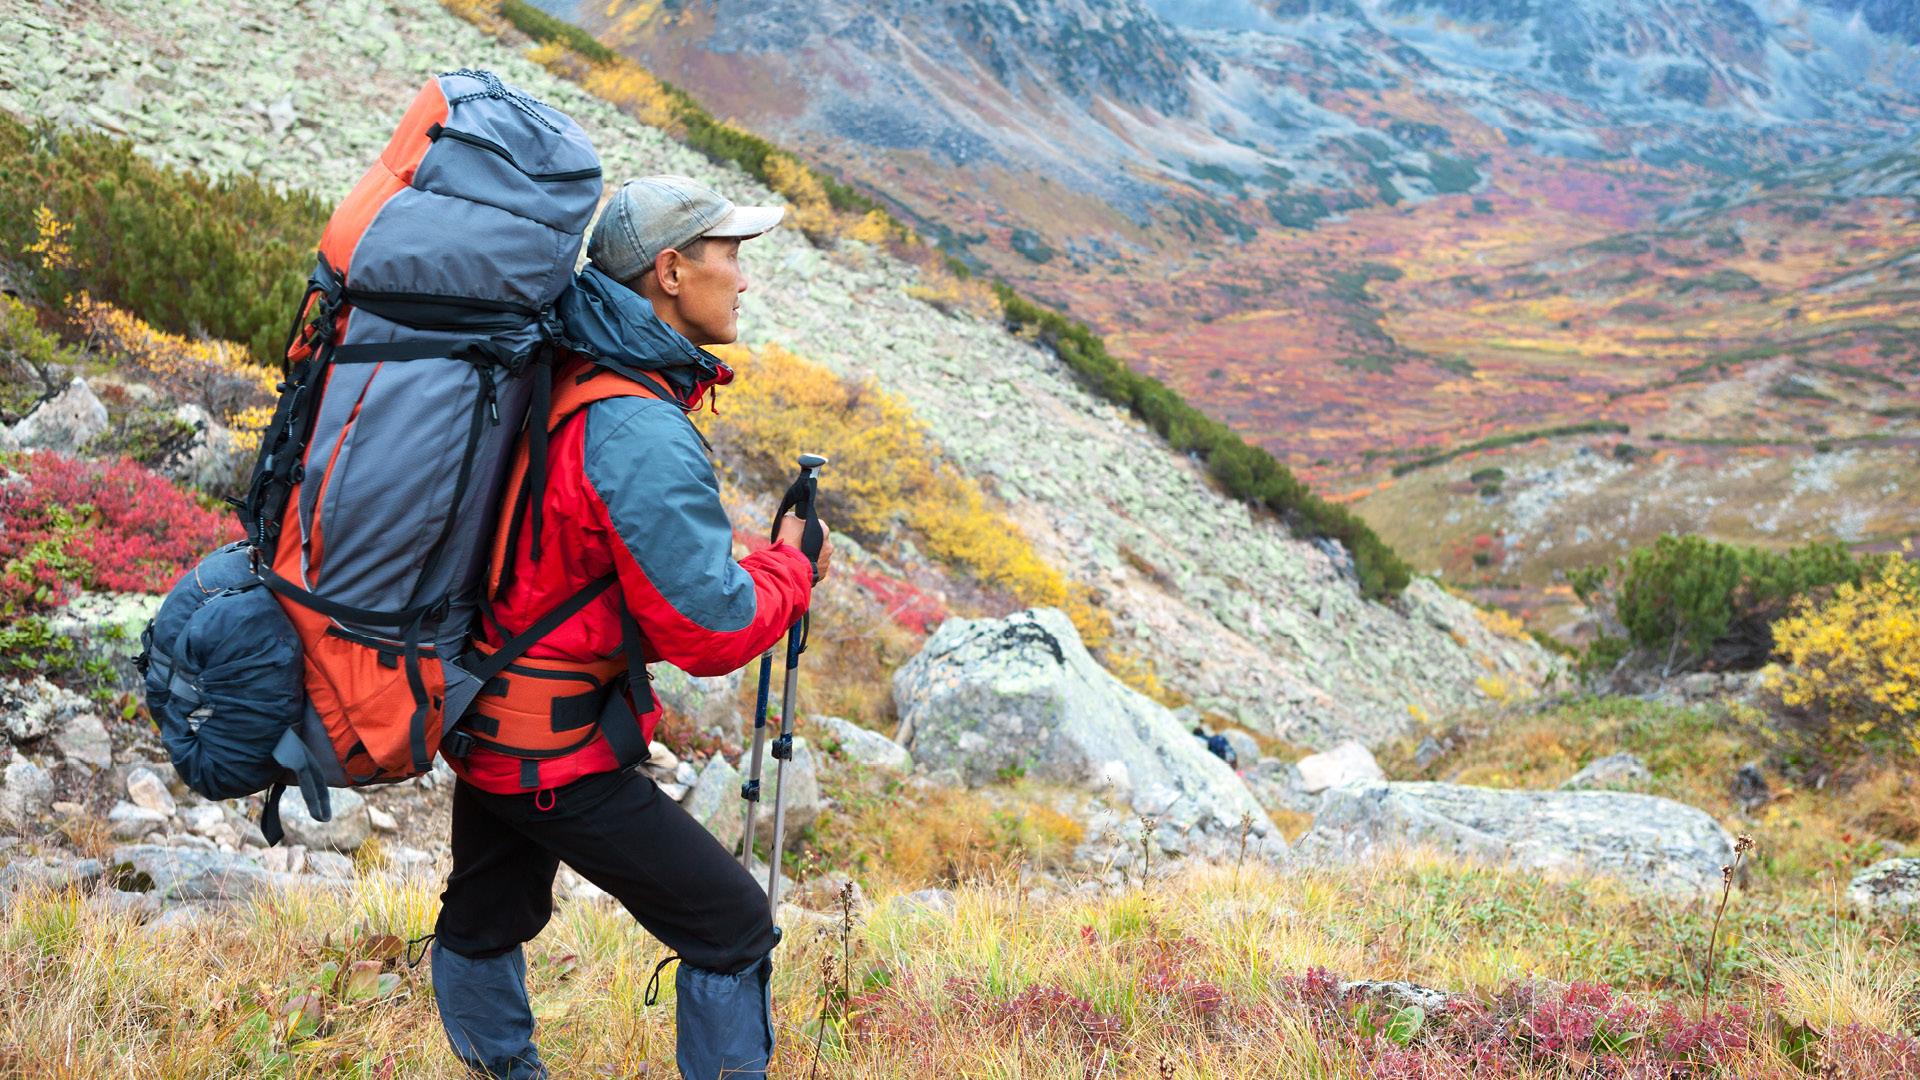 Turgåer med turklær i fjellet